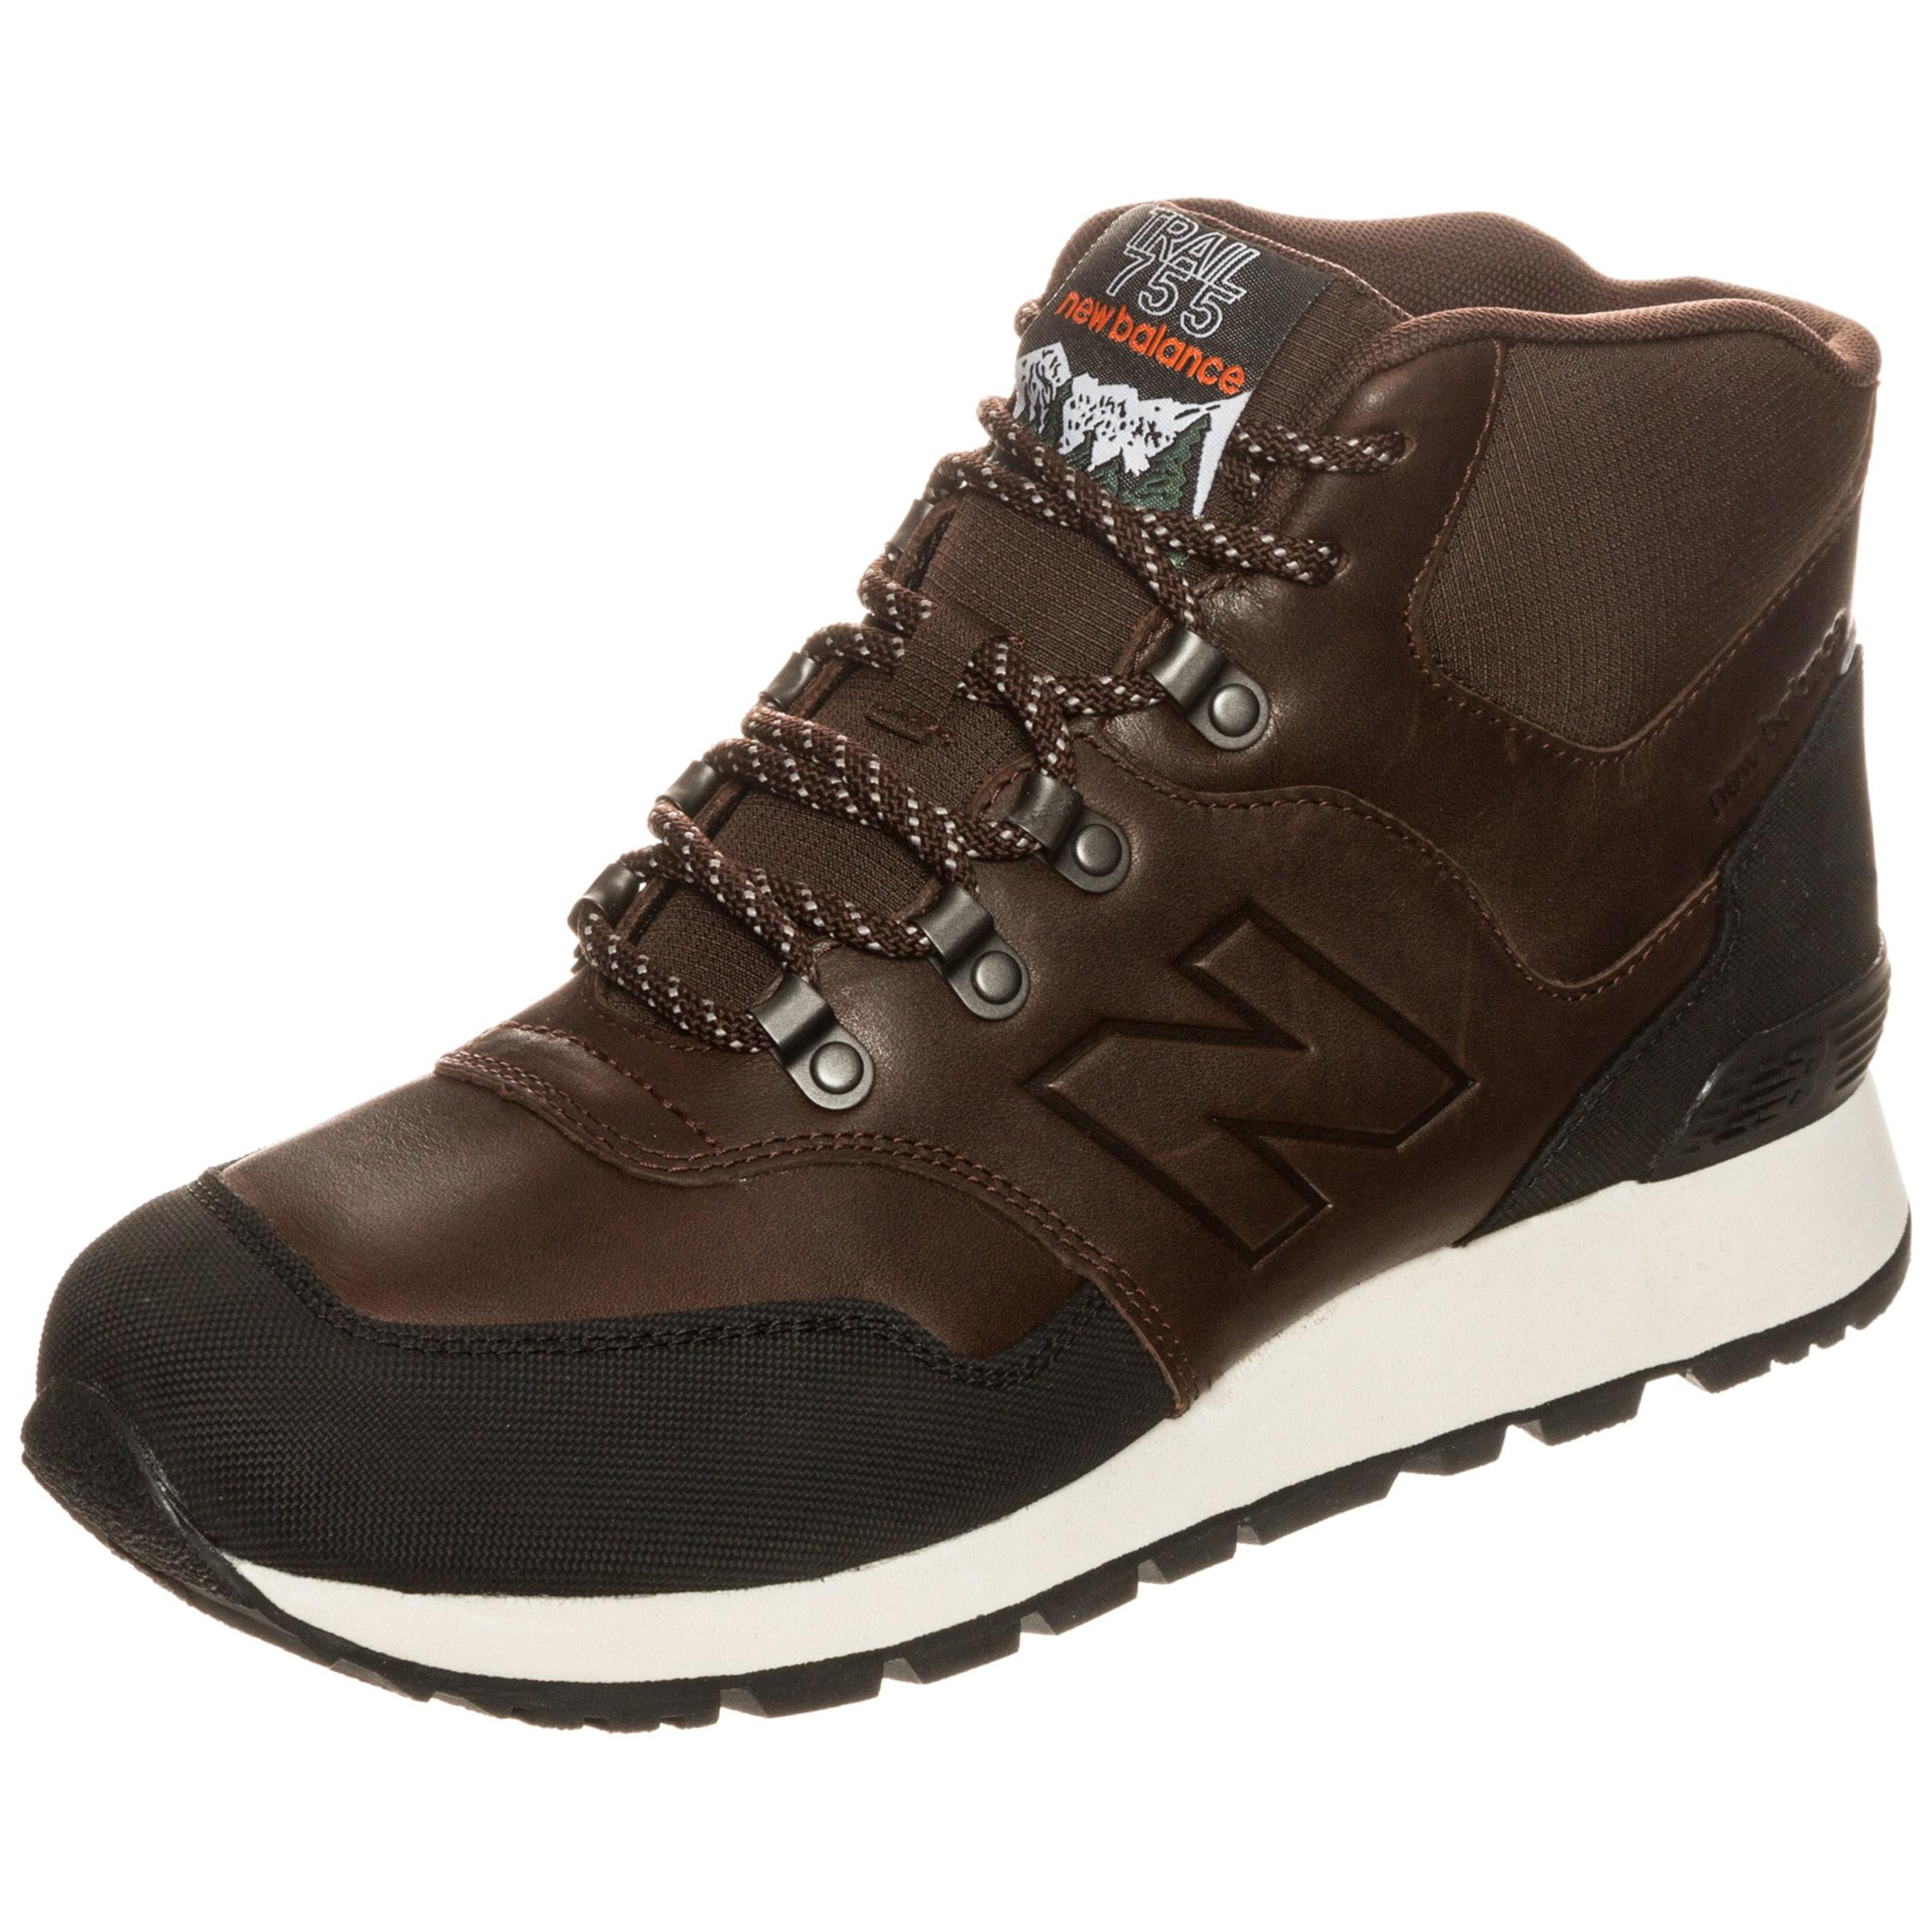 new balance HL755-BR-D Sneaker Boot